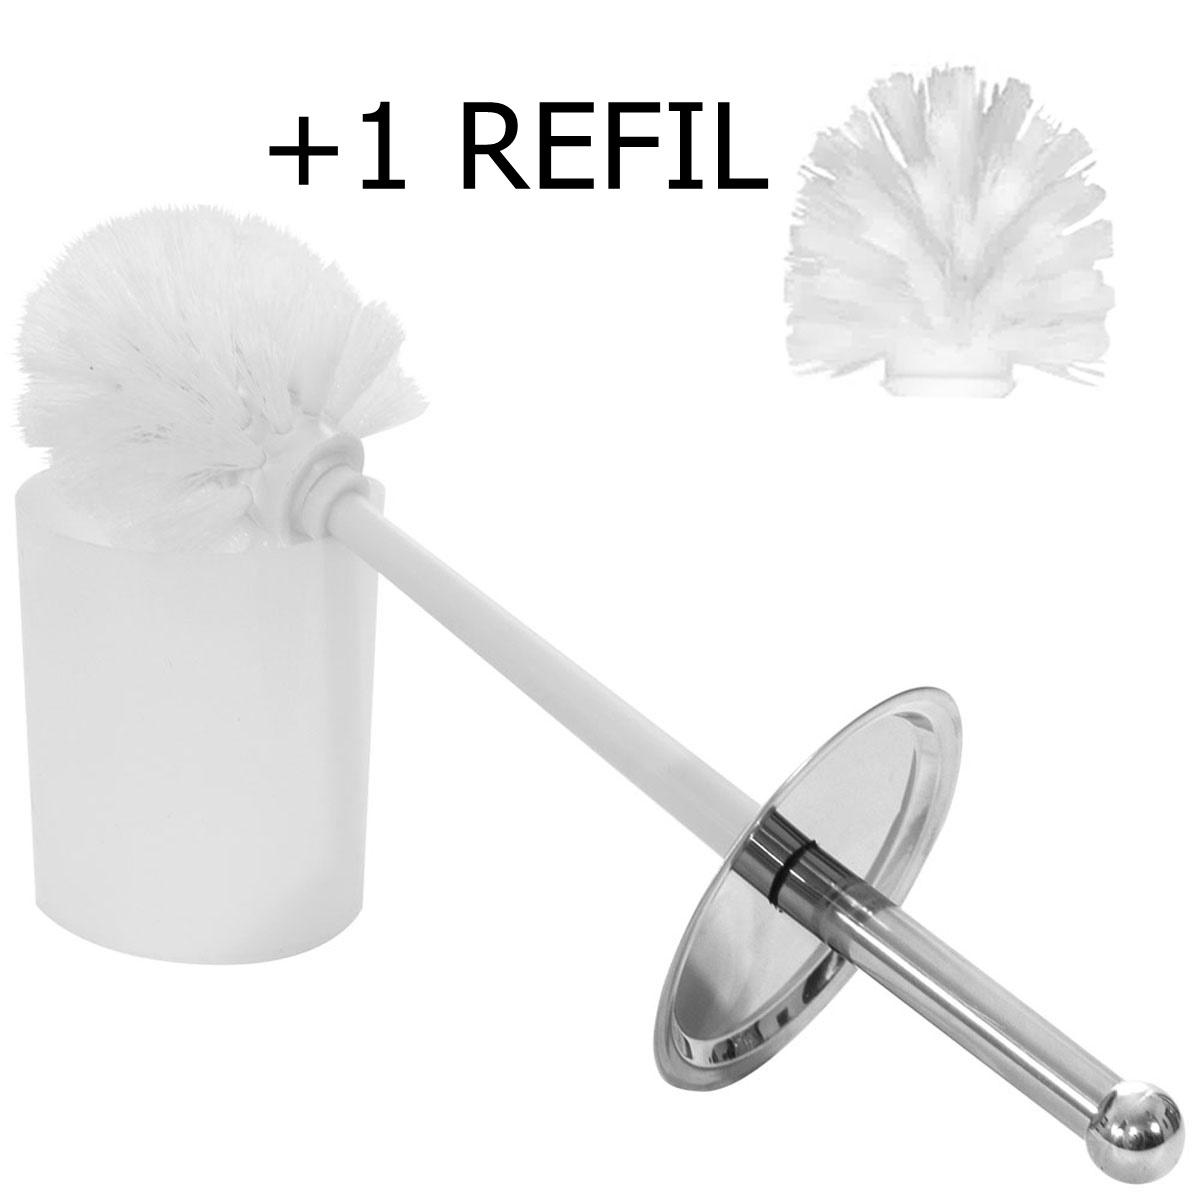 Escova Sanitária Com Cedas + 1 Refil Inox Utl